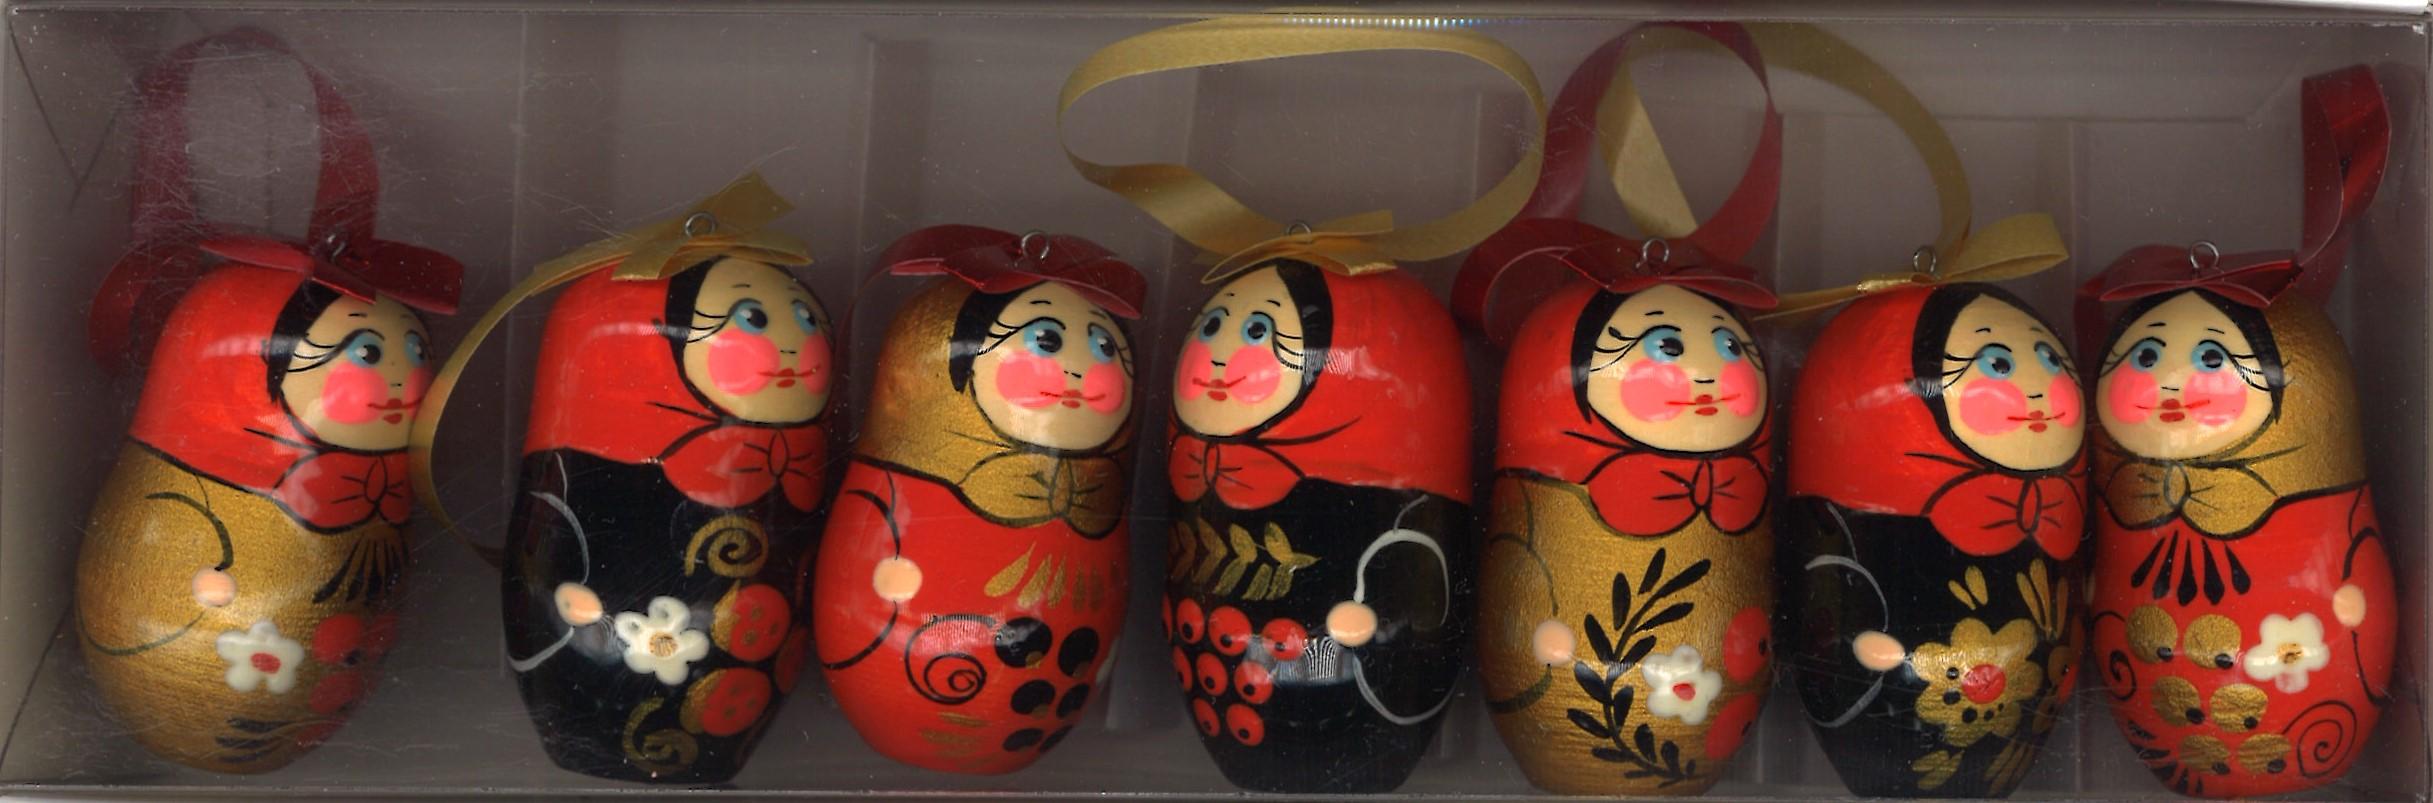 Набор елочных игрушек Матрешки малышки